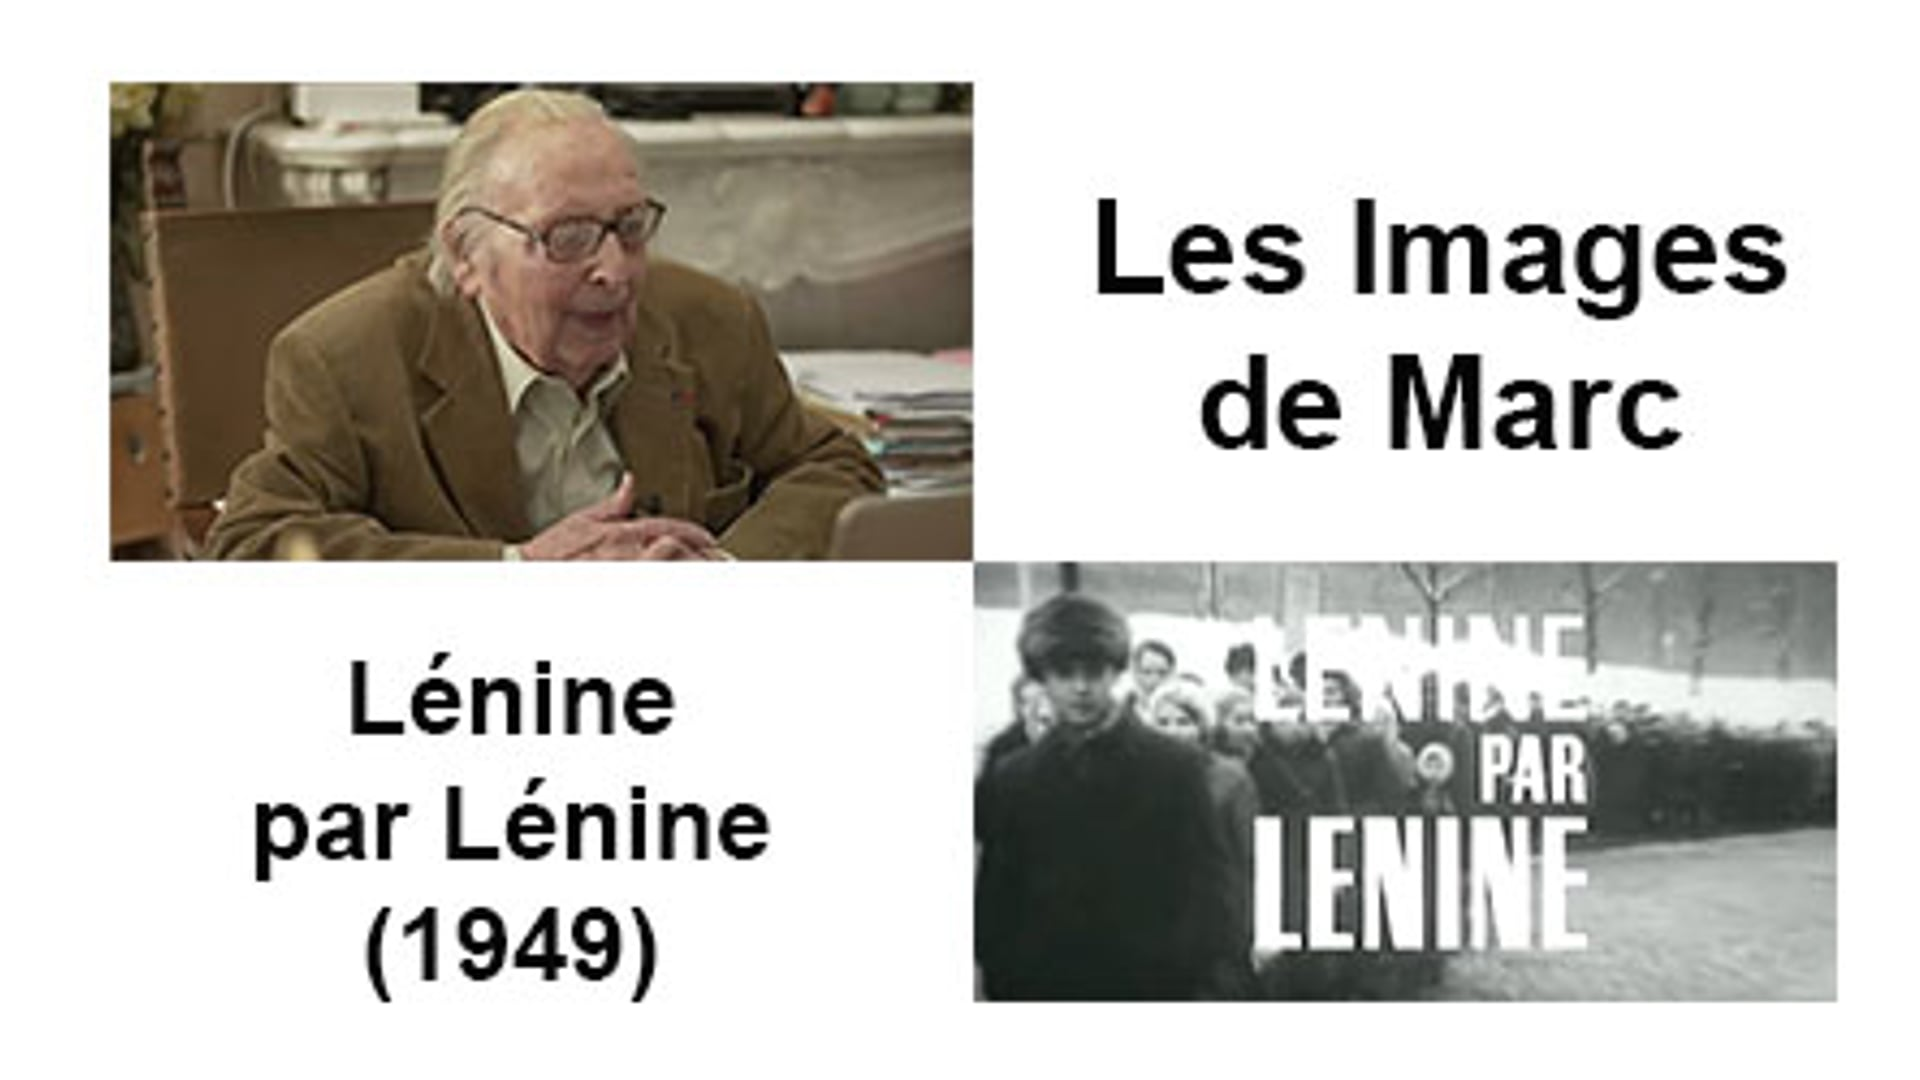 Lenine par Lenine (1970)